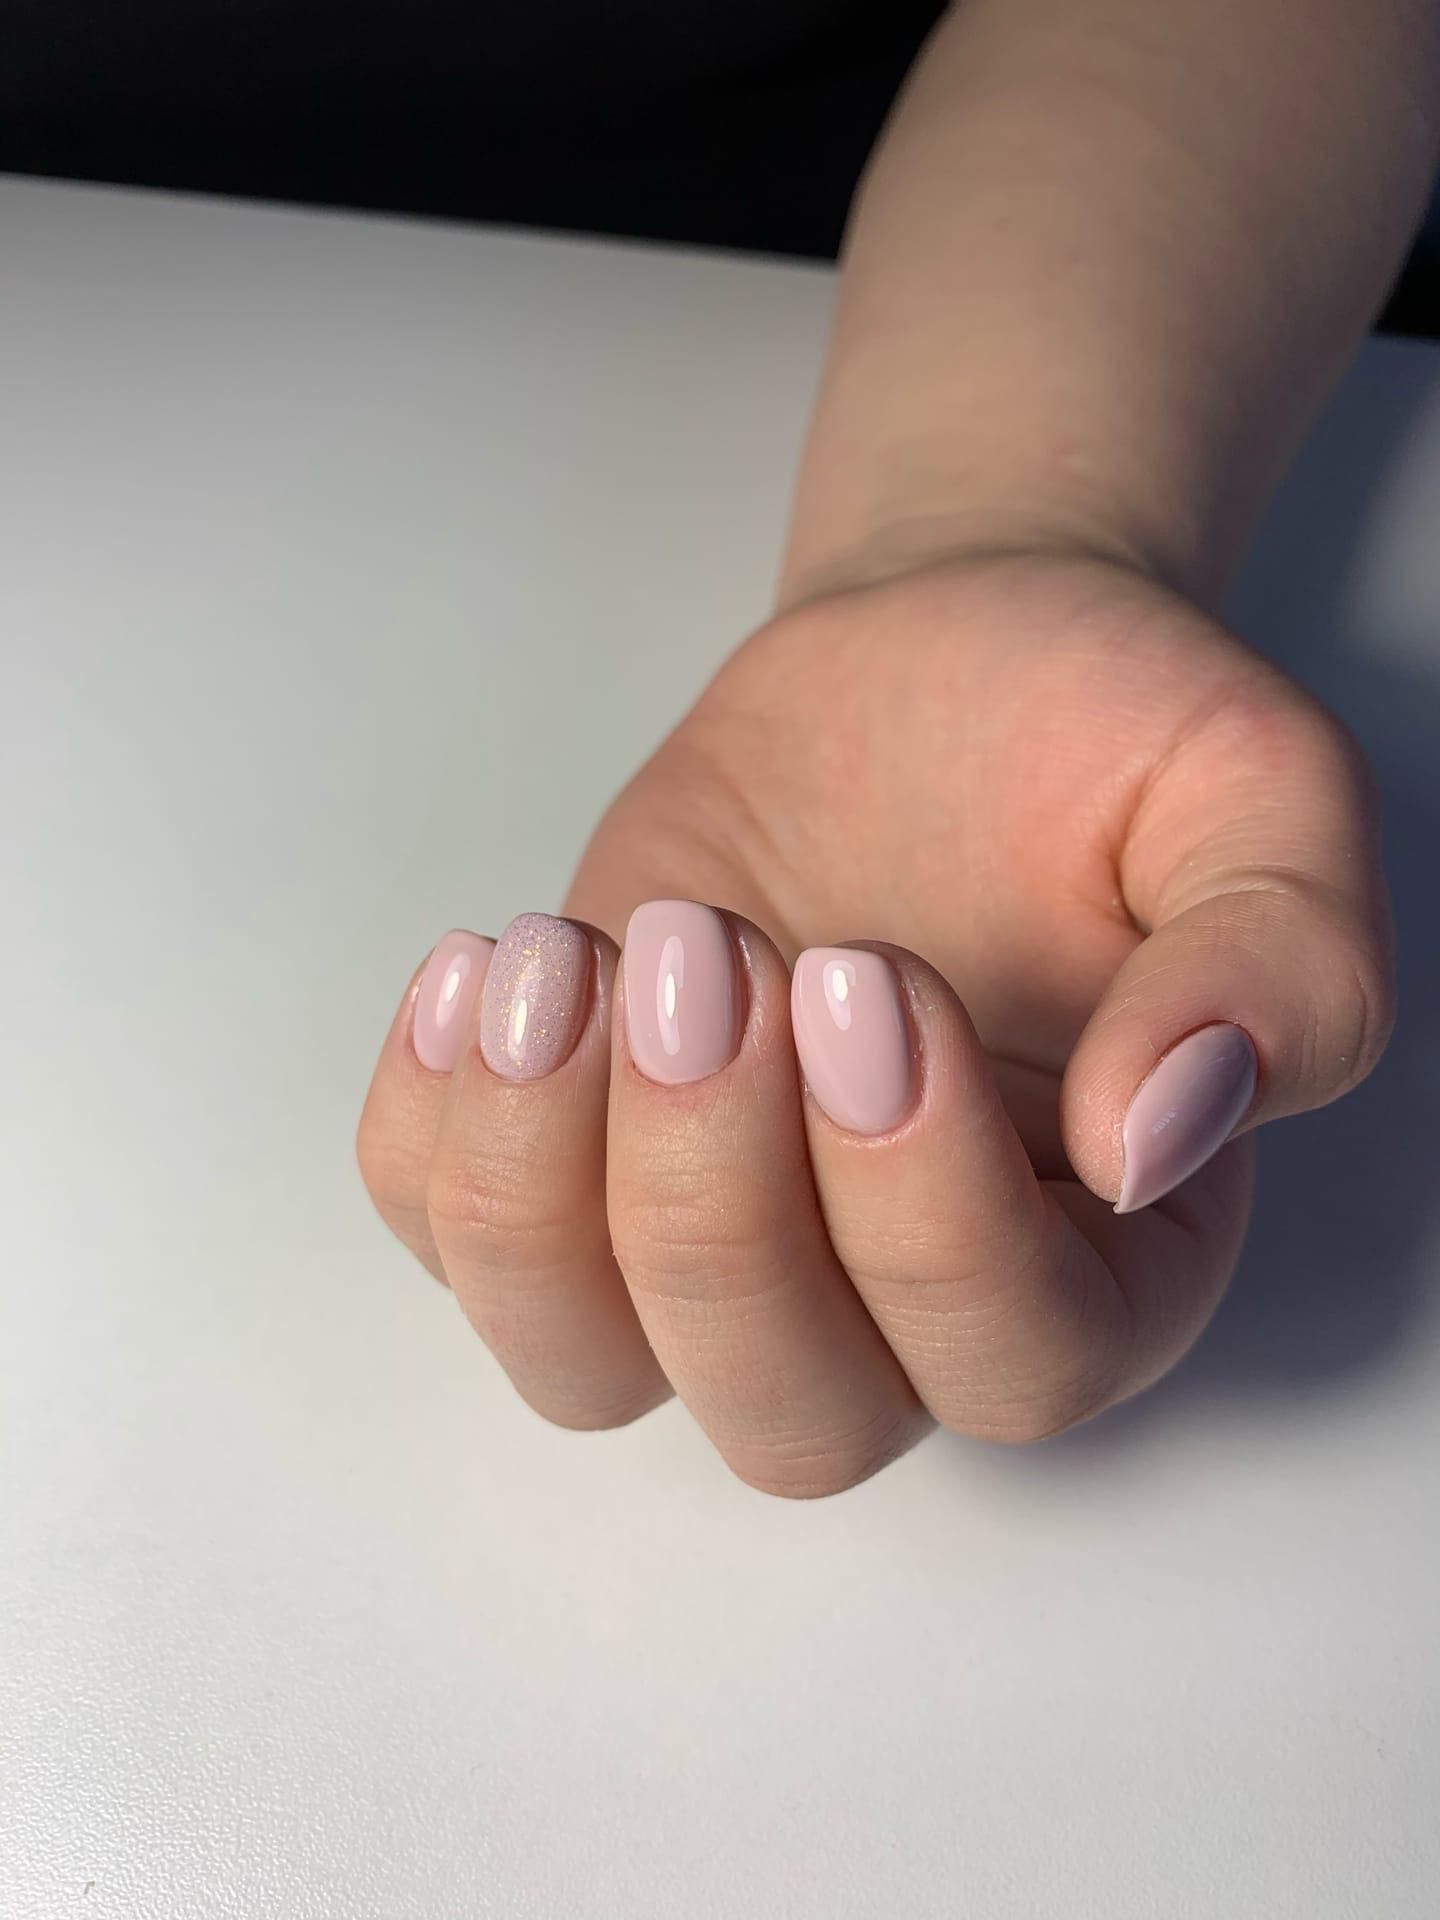 Маникюр с блестками в пастельных тонах на короткие ногти.